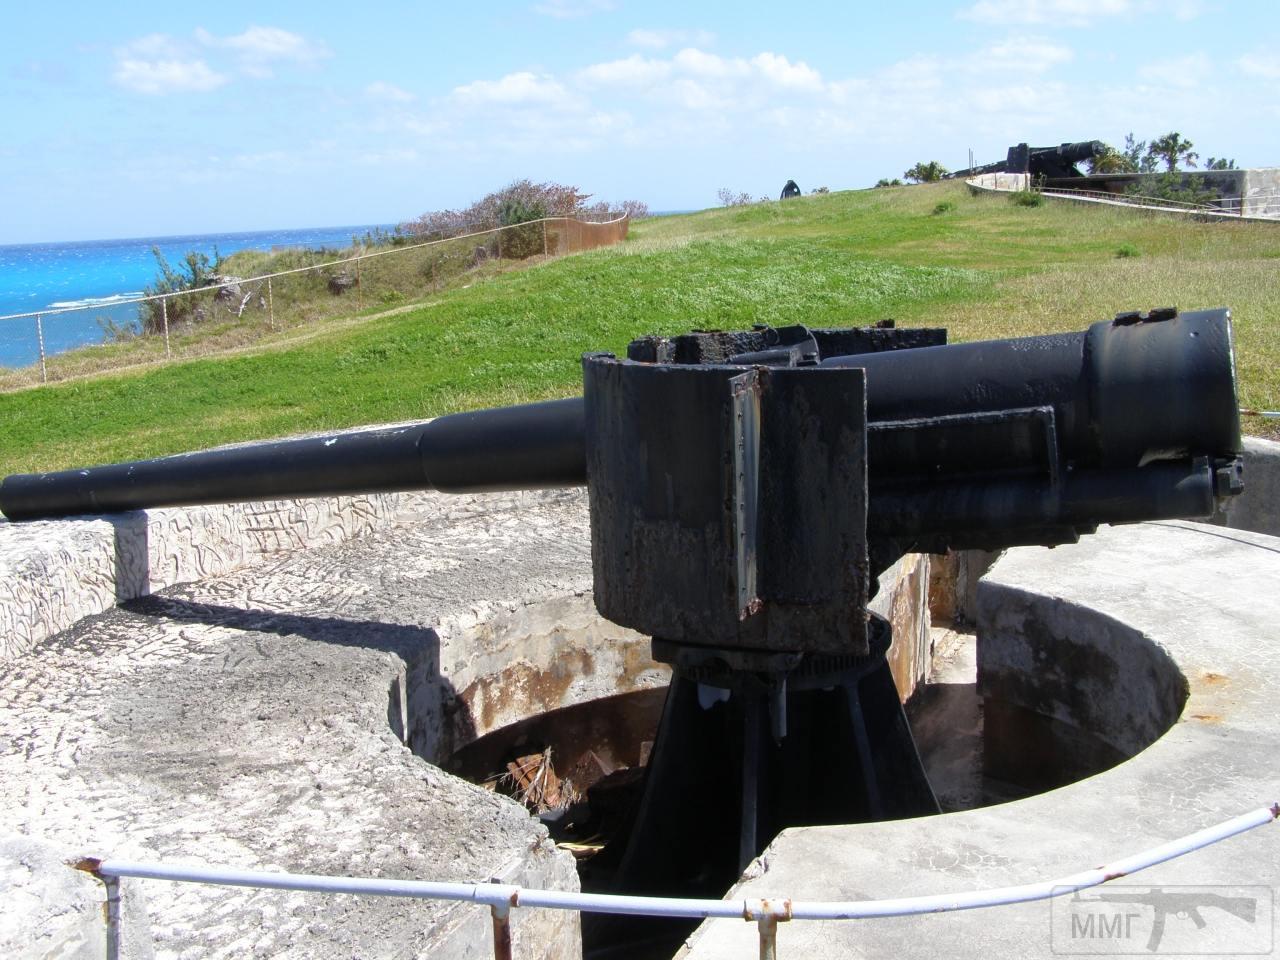 35019 - BL 6-inch Mk VII